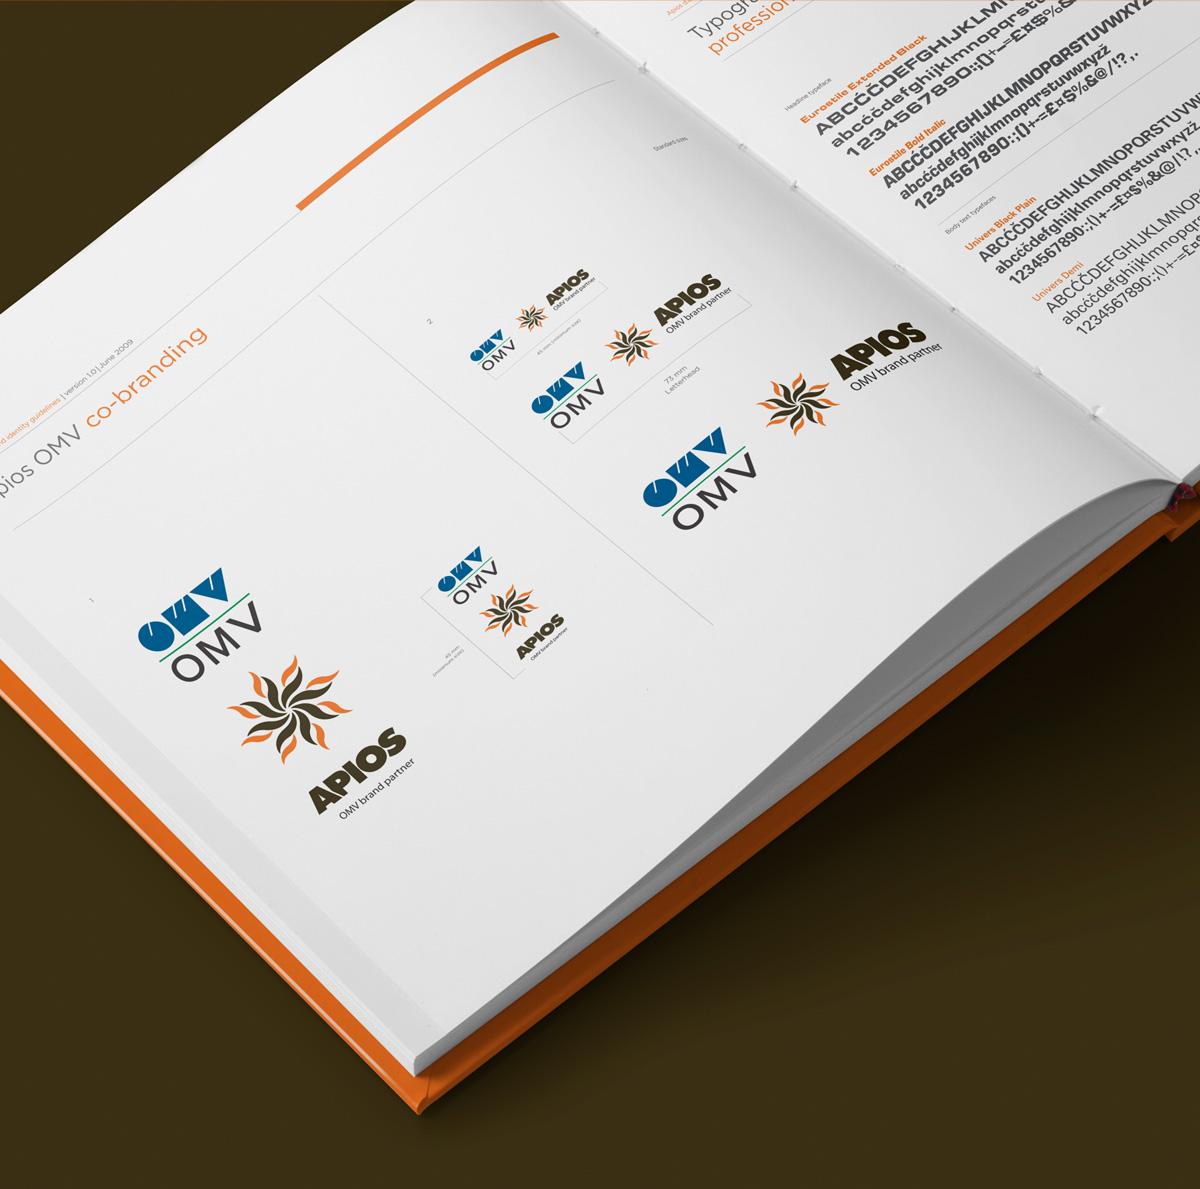 apios-brand-book3